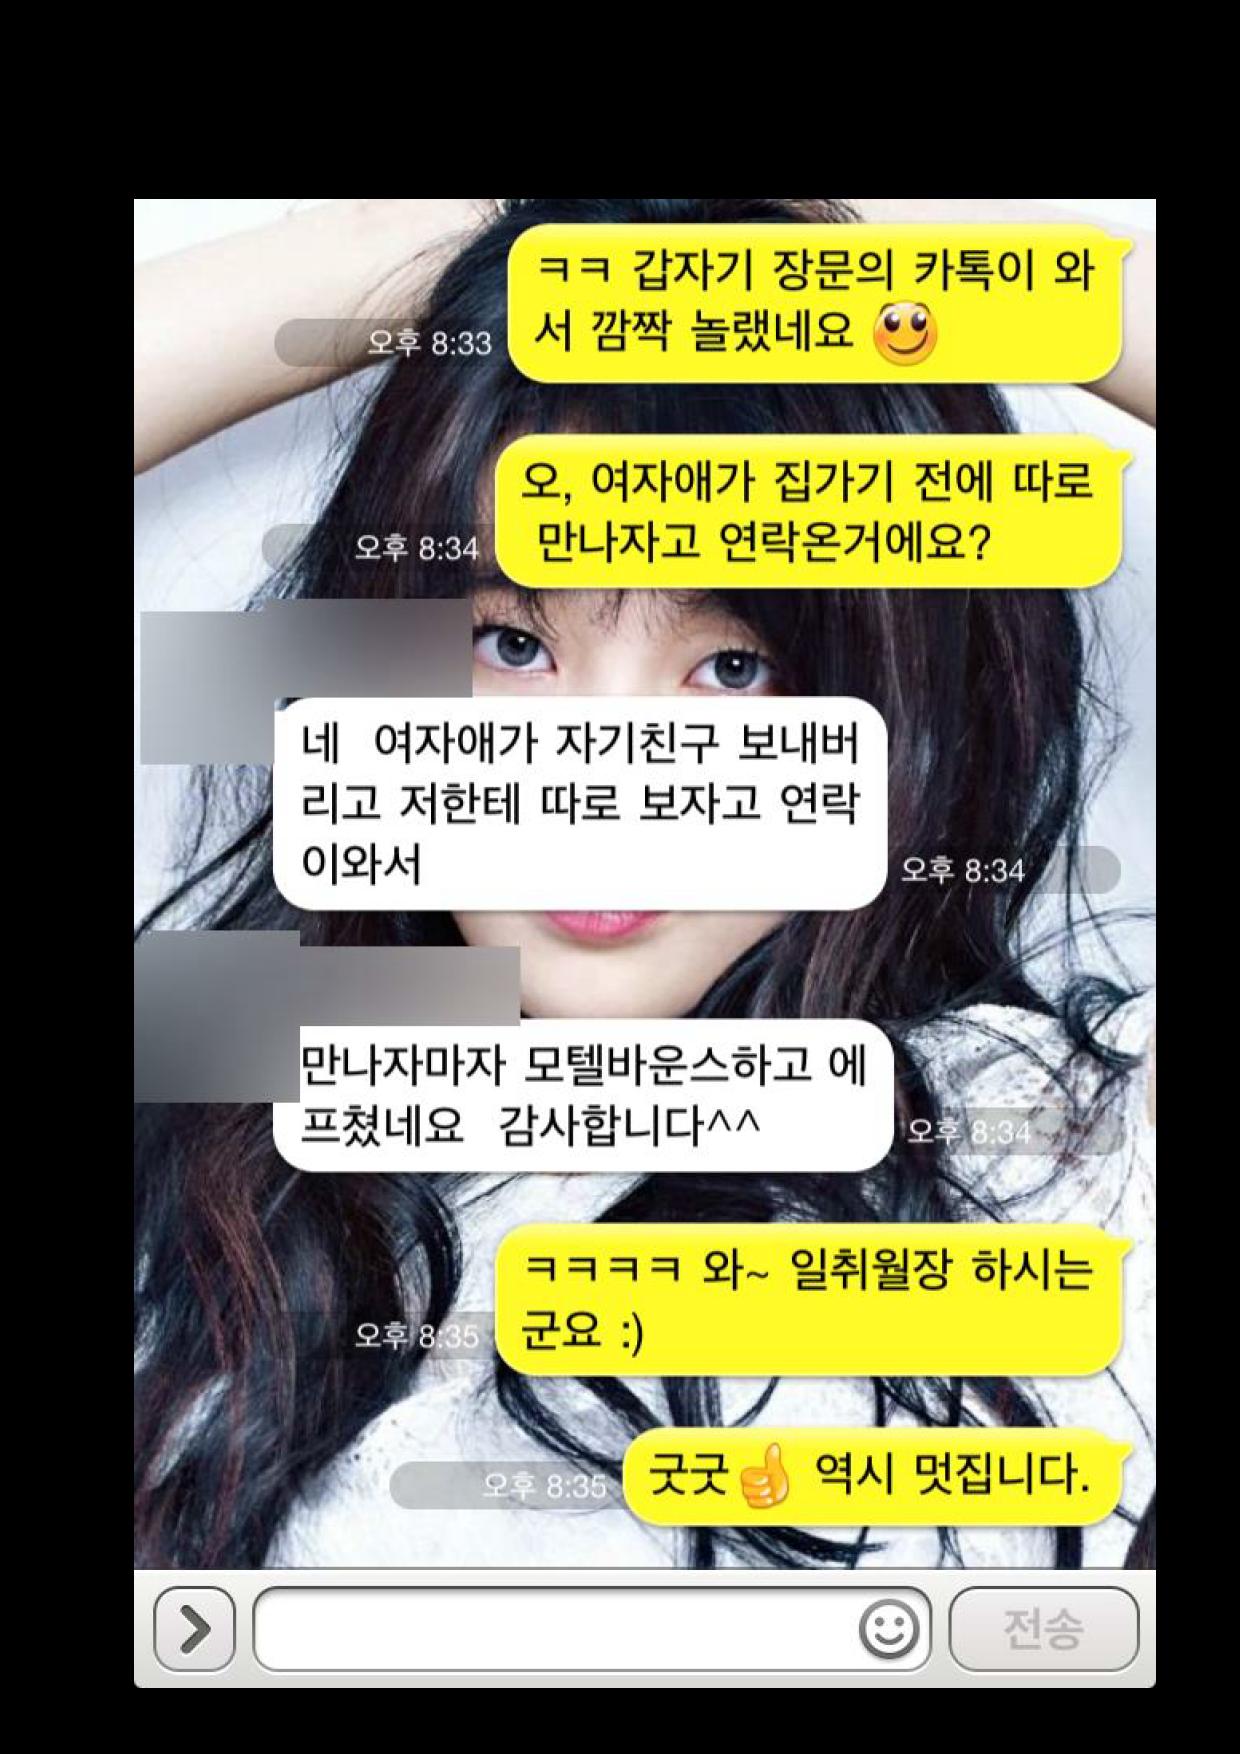 본 머티리어 1회차 홍보글 v3(수강후기 따로 편집요함)_30.png